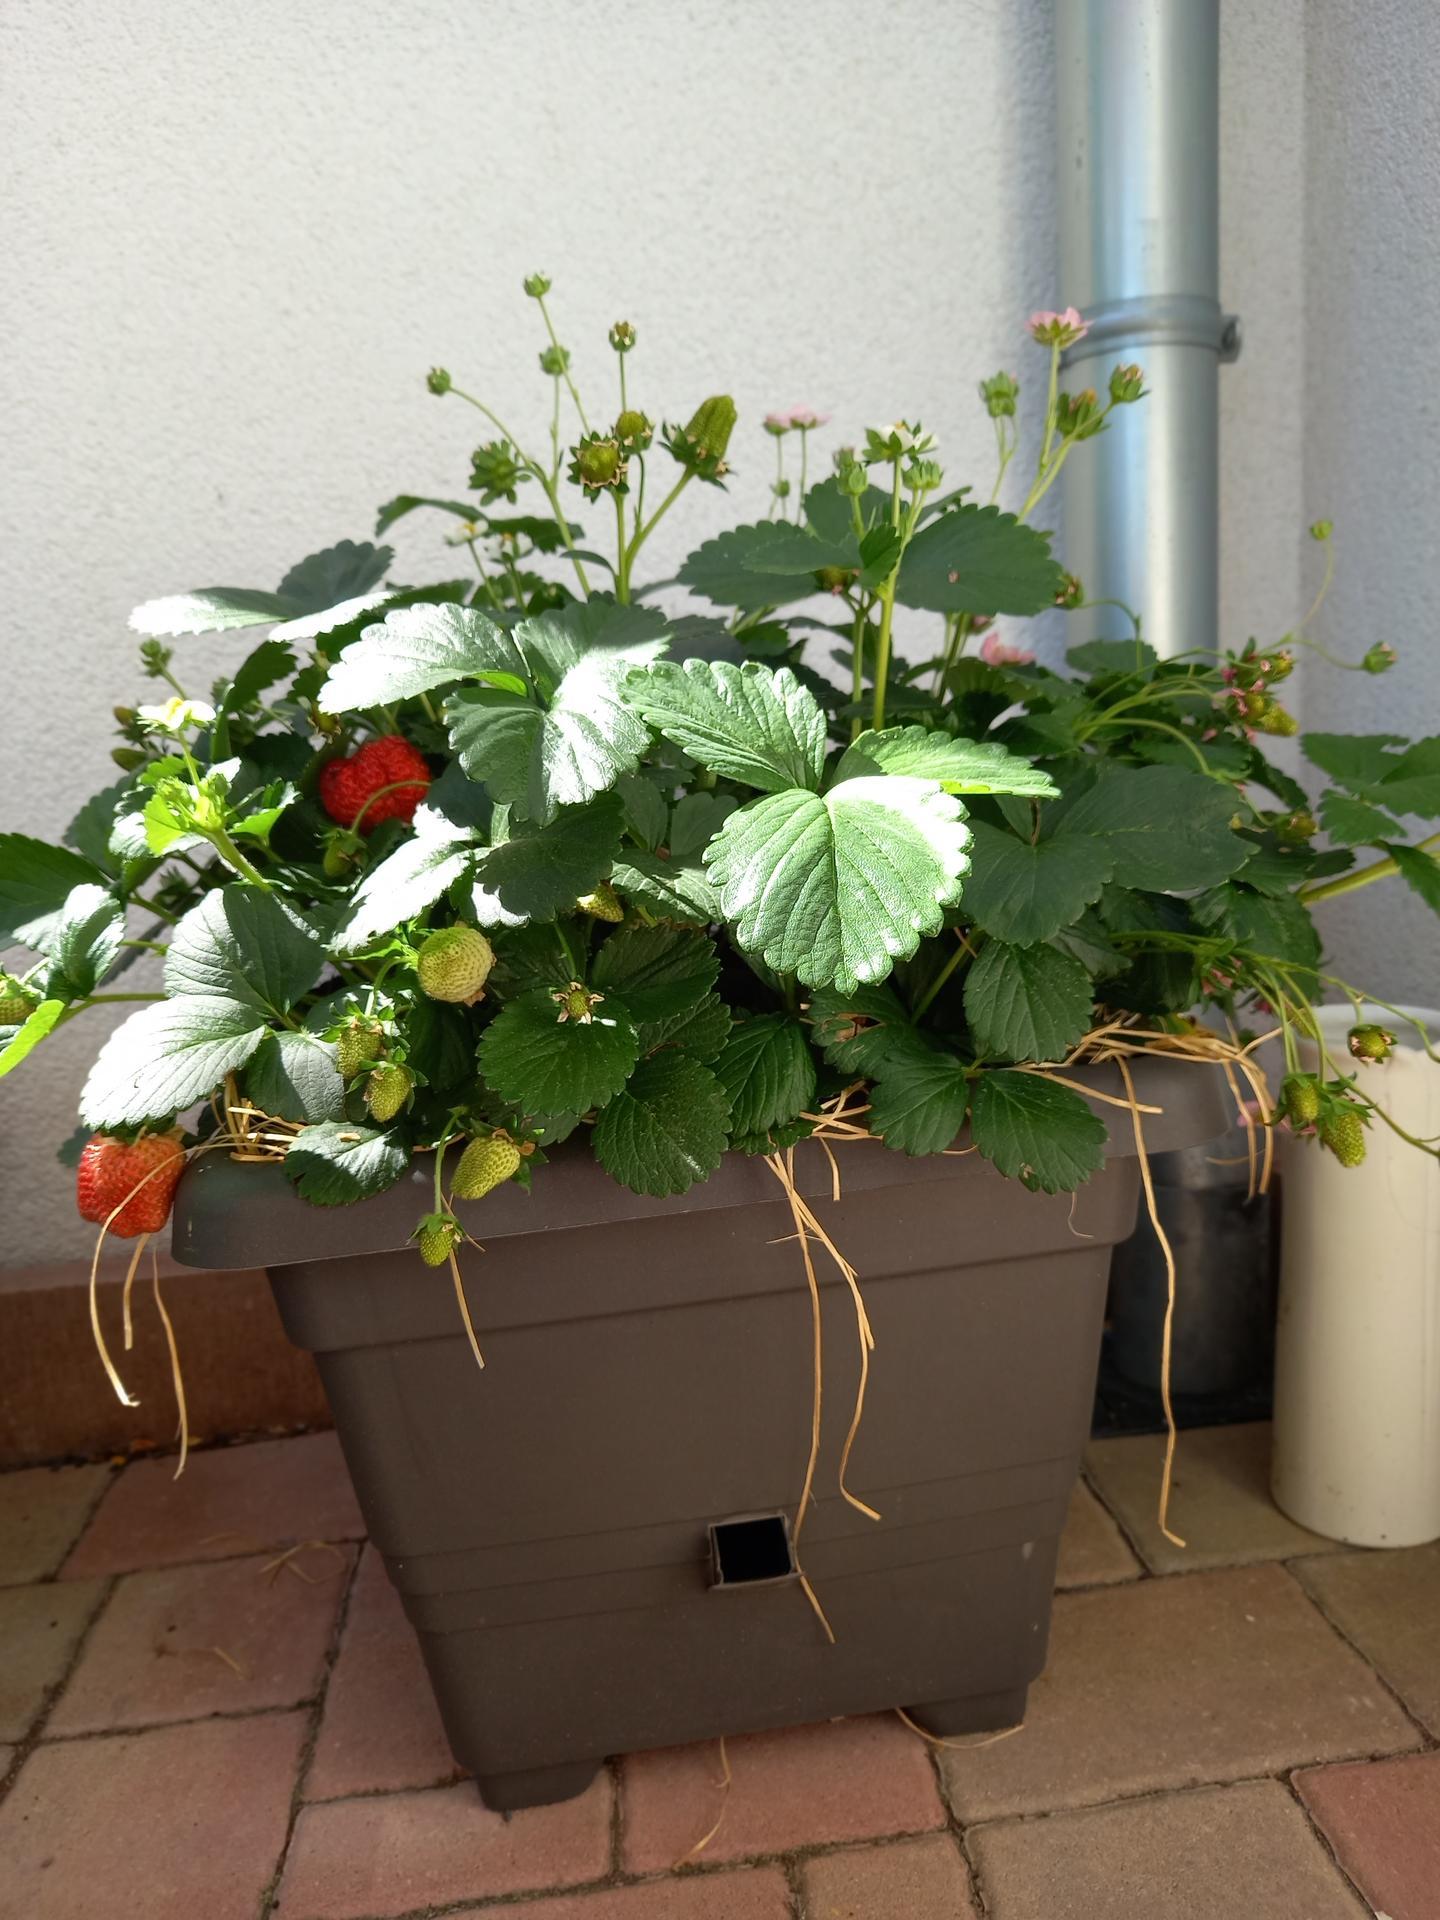 Jedlá zahrada - Některé jahody už červenají ❤🍓🍓🍓